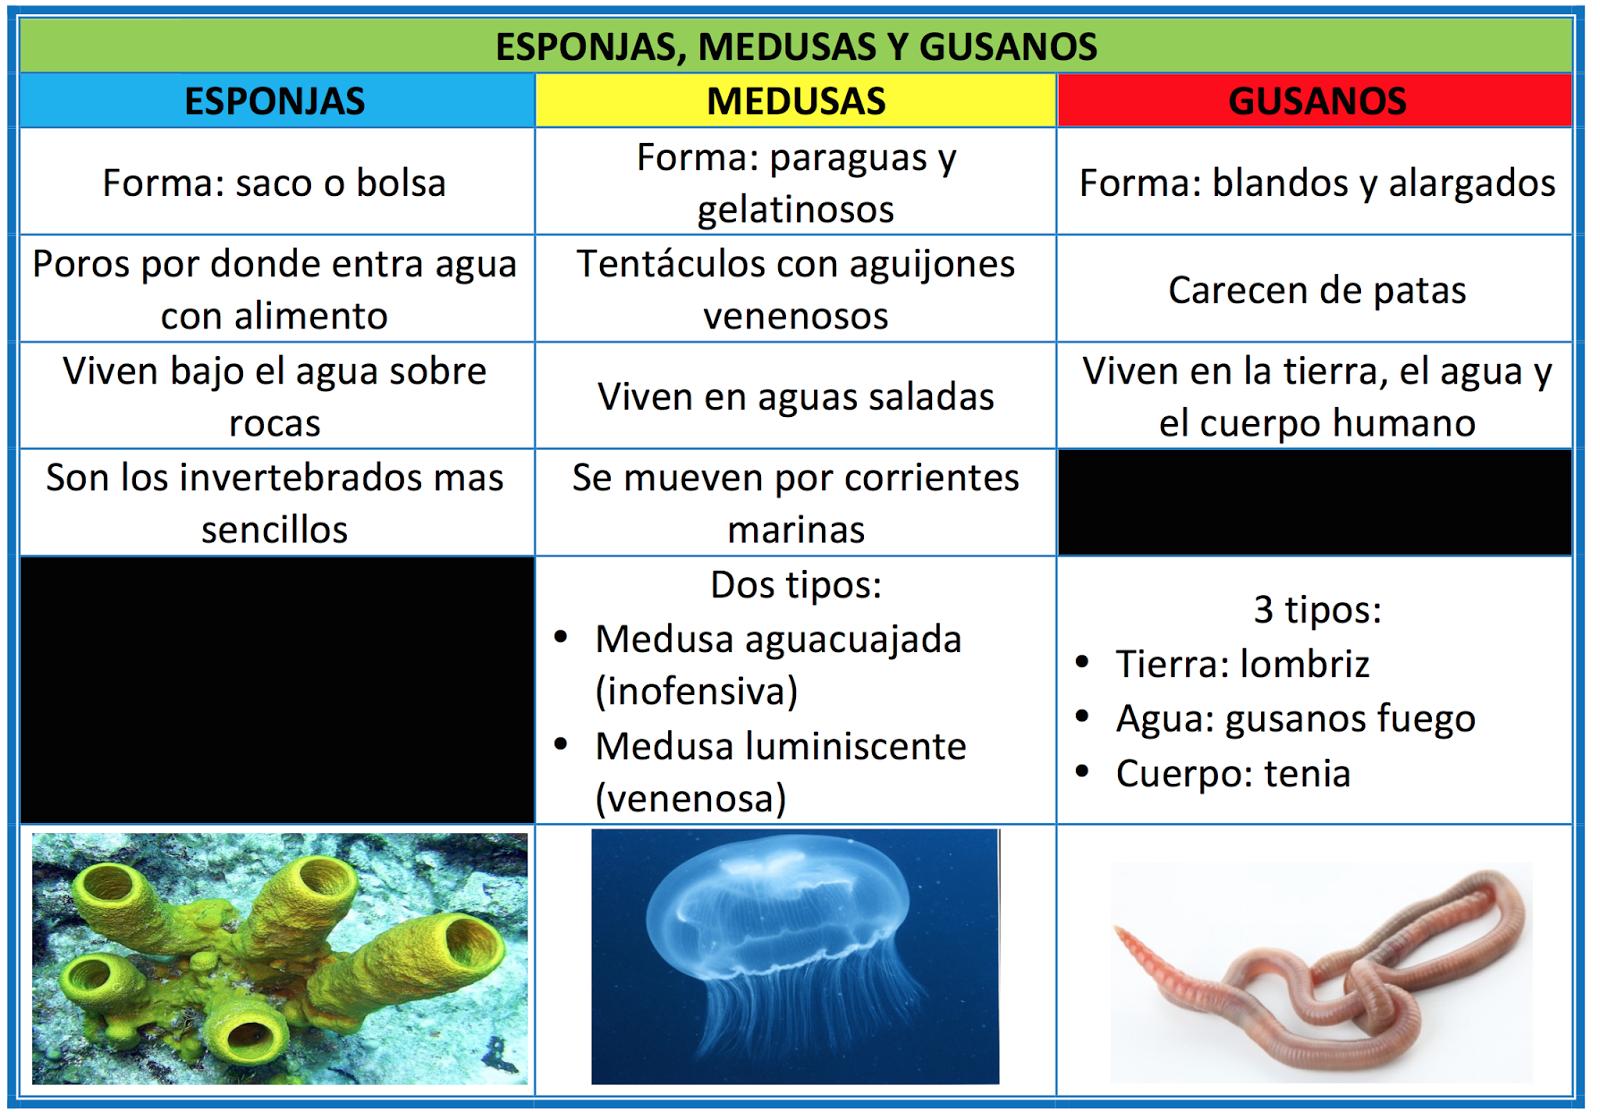 El trastero de educaci n primaria a invertebrados esponjas medusas y gusanos - Como se alimentan las medusas ...